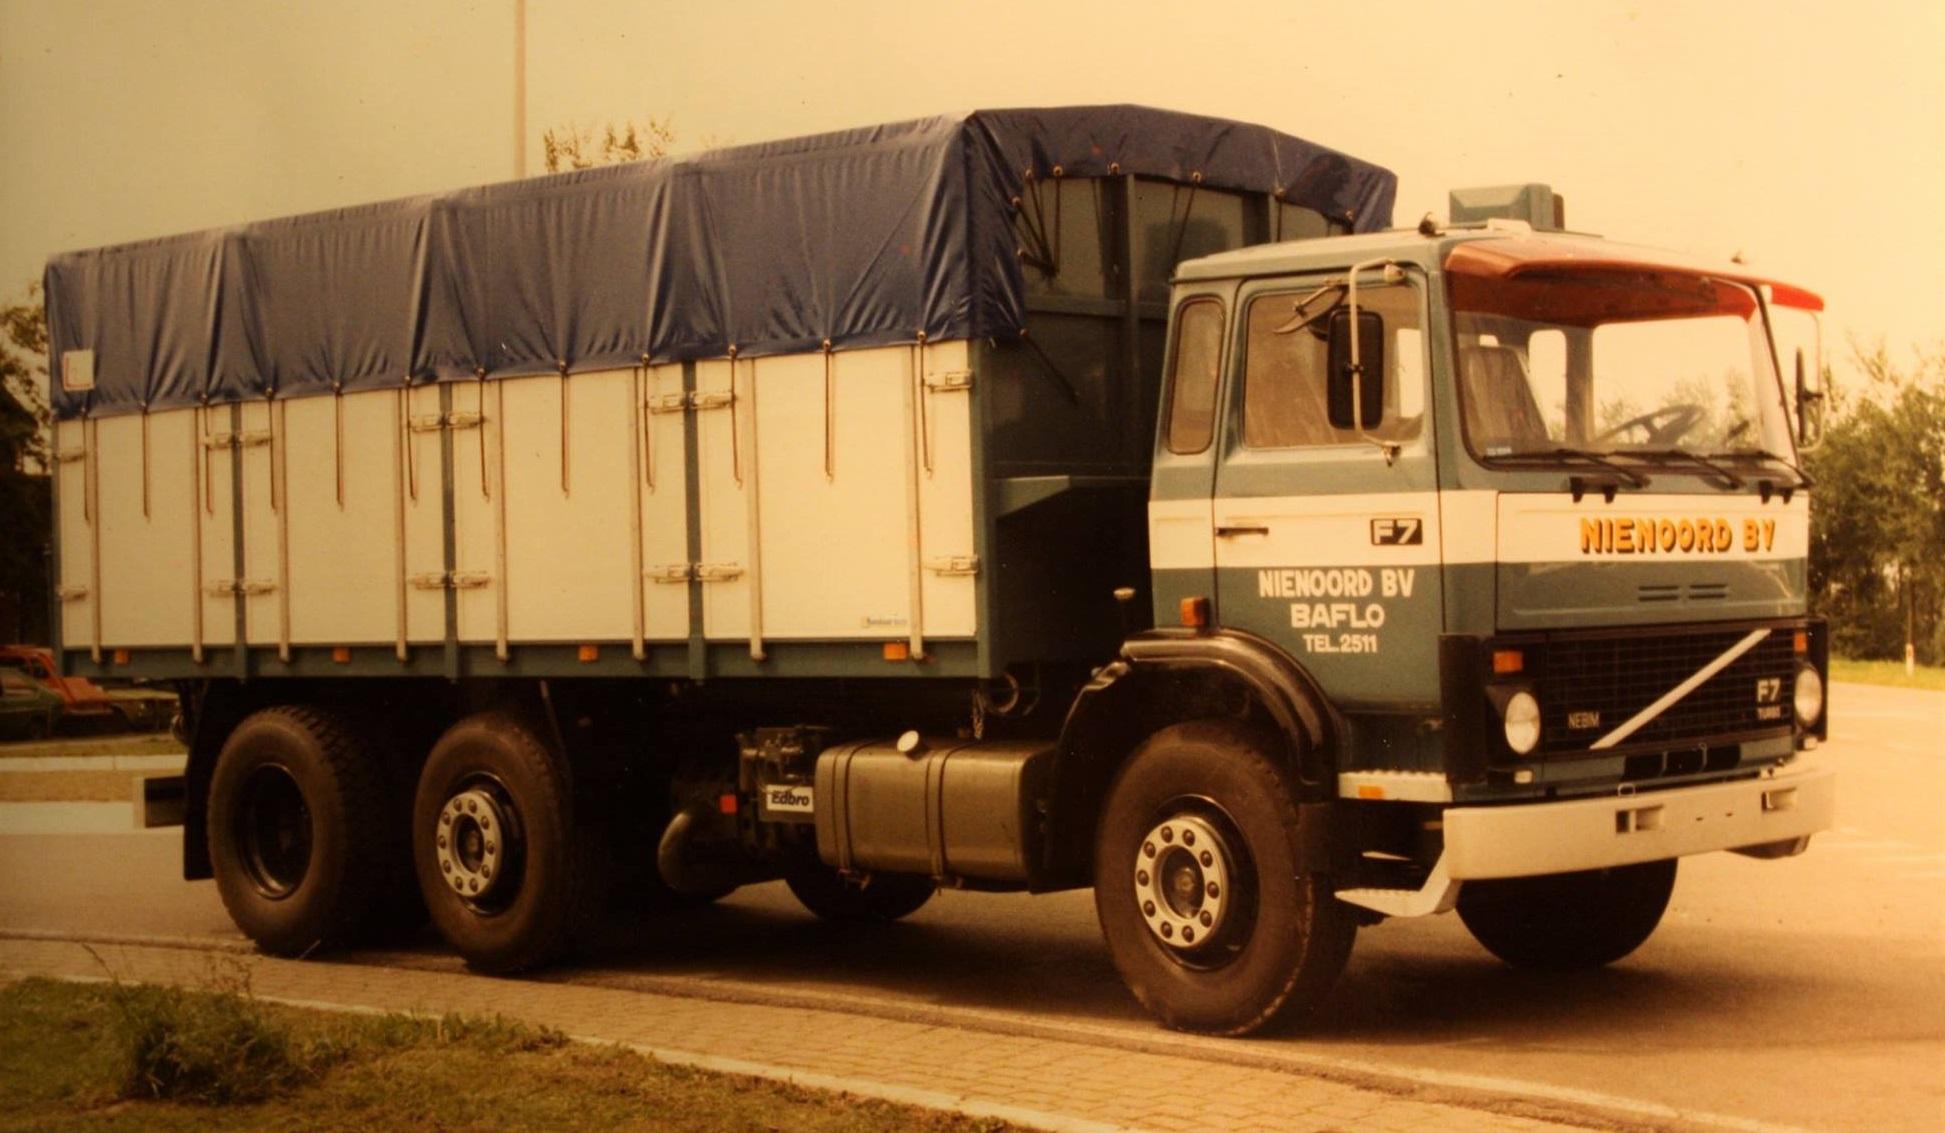 Volvo-F7--bulkauto-is-gebouwd-door-Rondaan-voor-Nienoord-BV-uit-Baflo-1